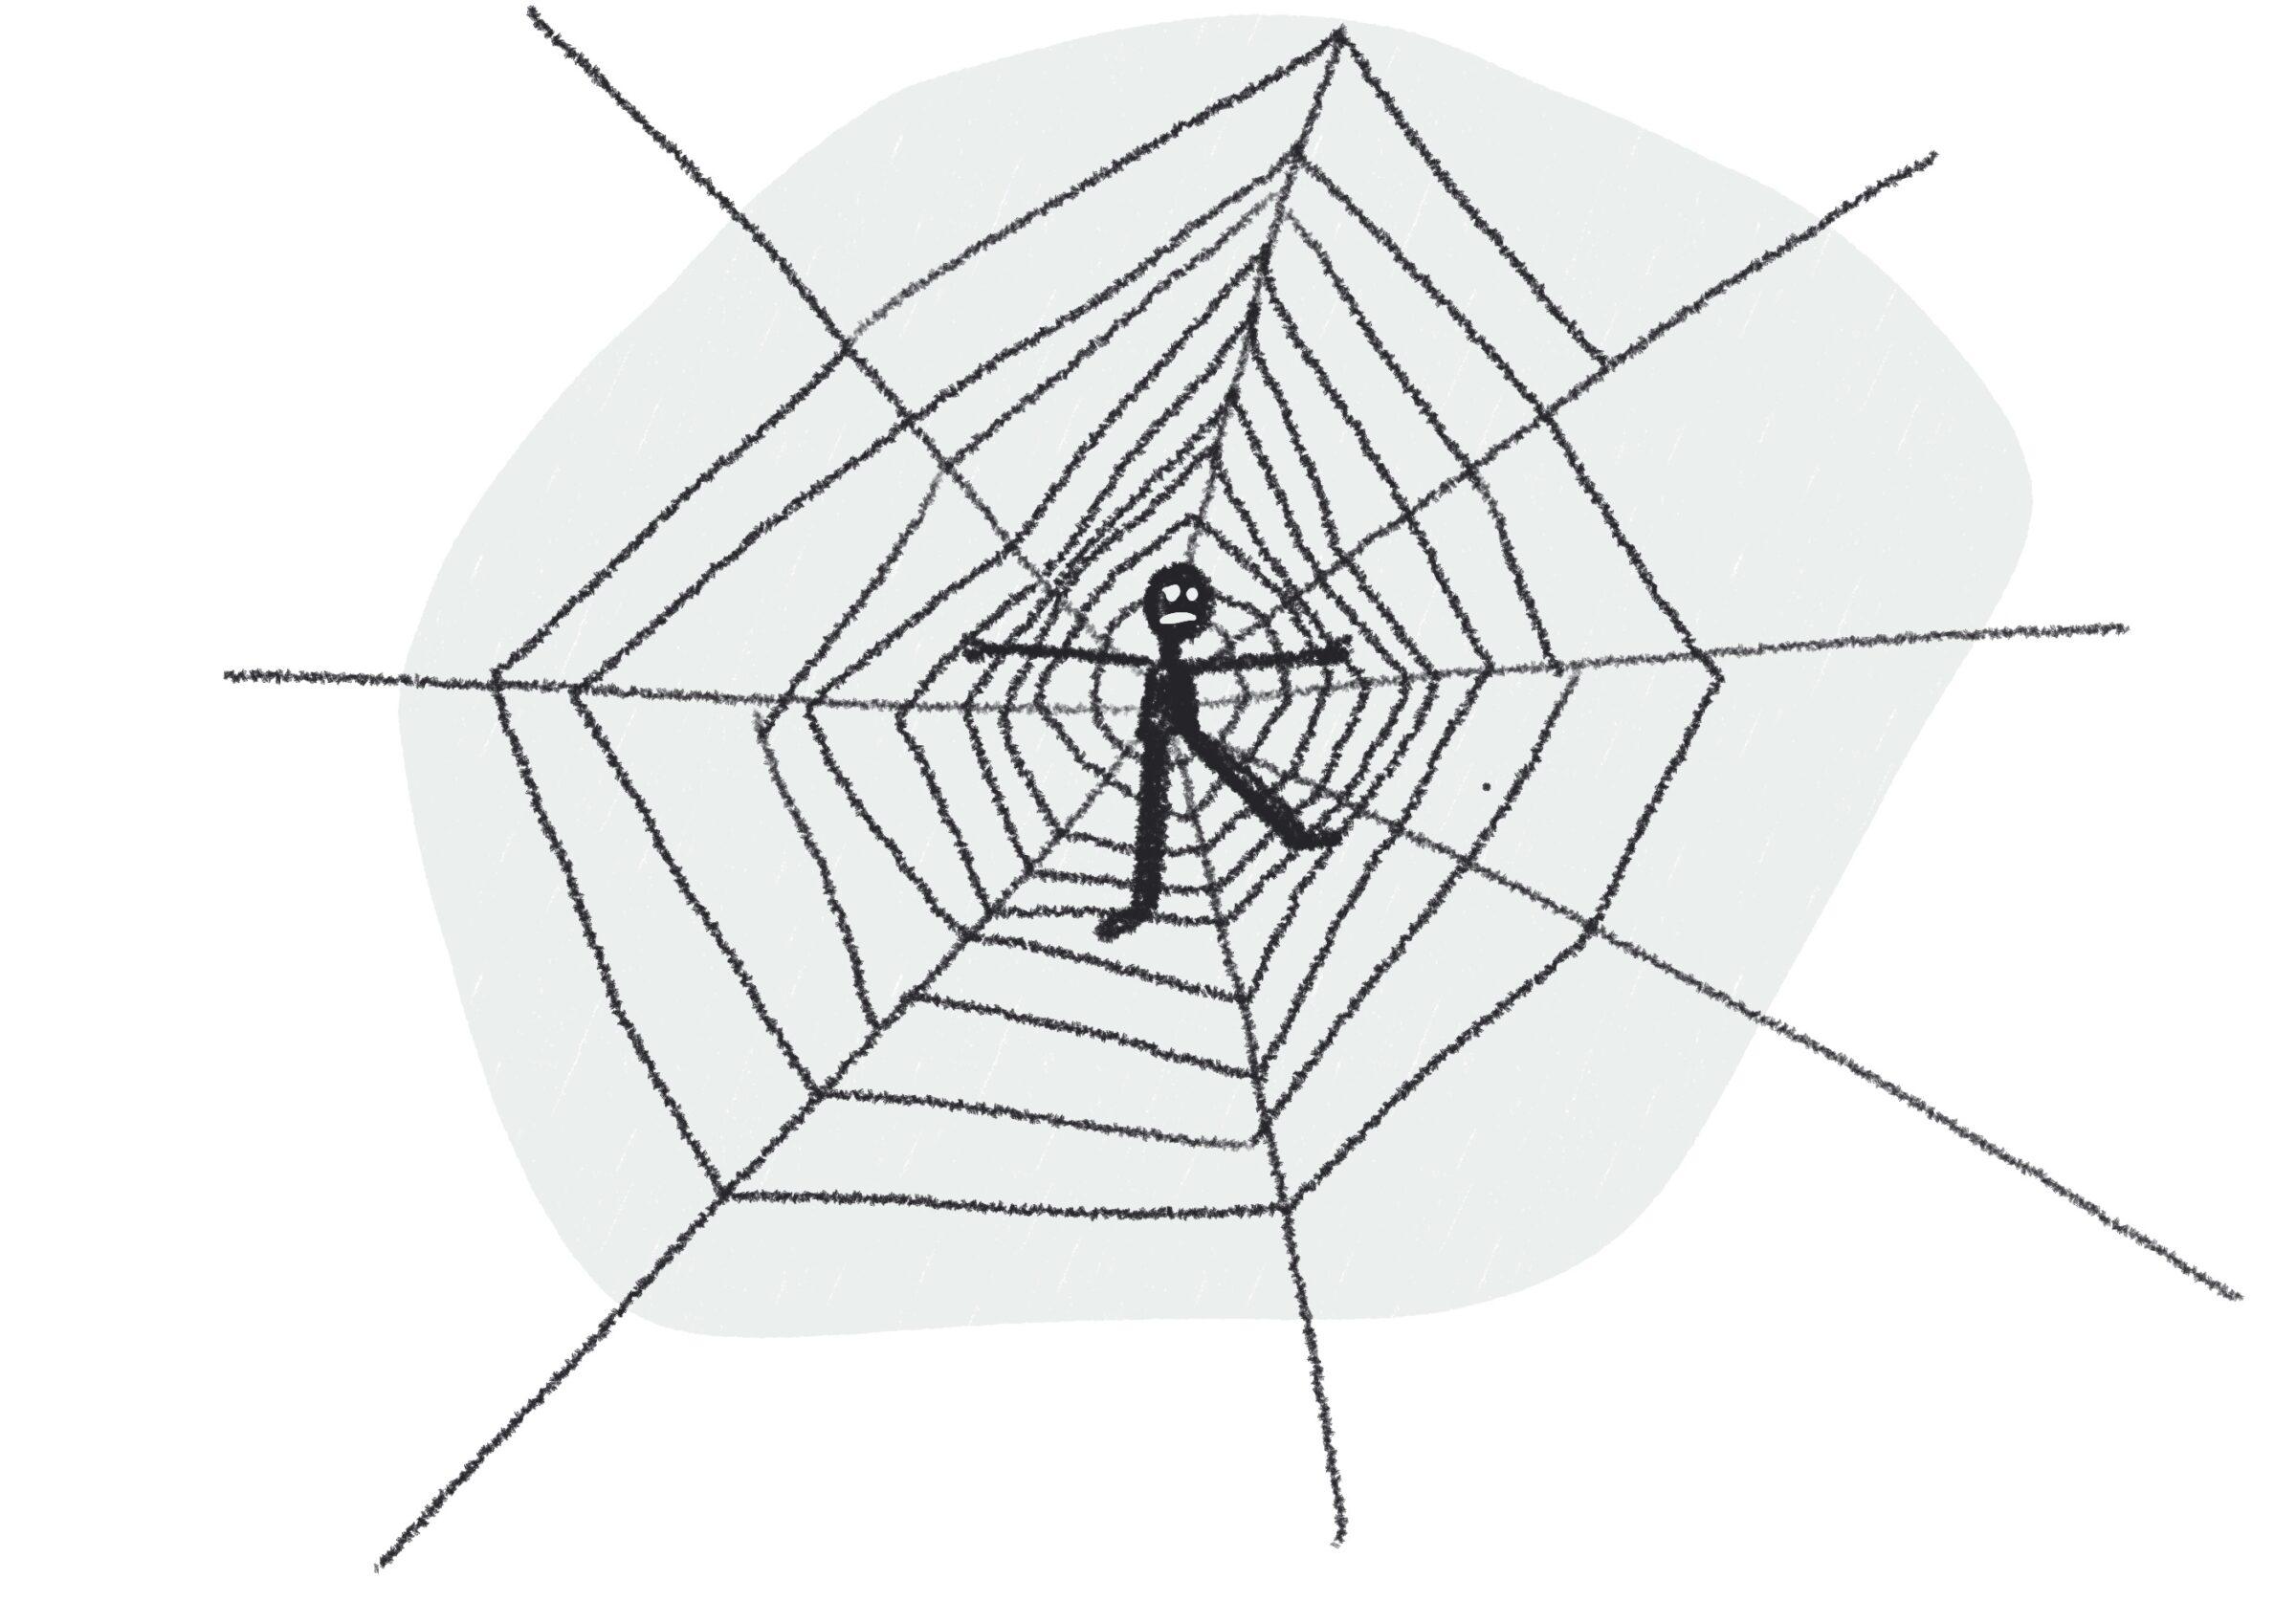 Jongere die in een spinnenweb verstrikt is